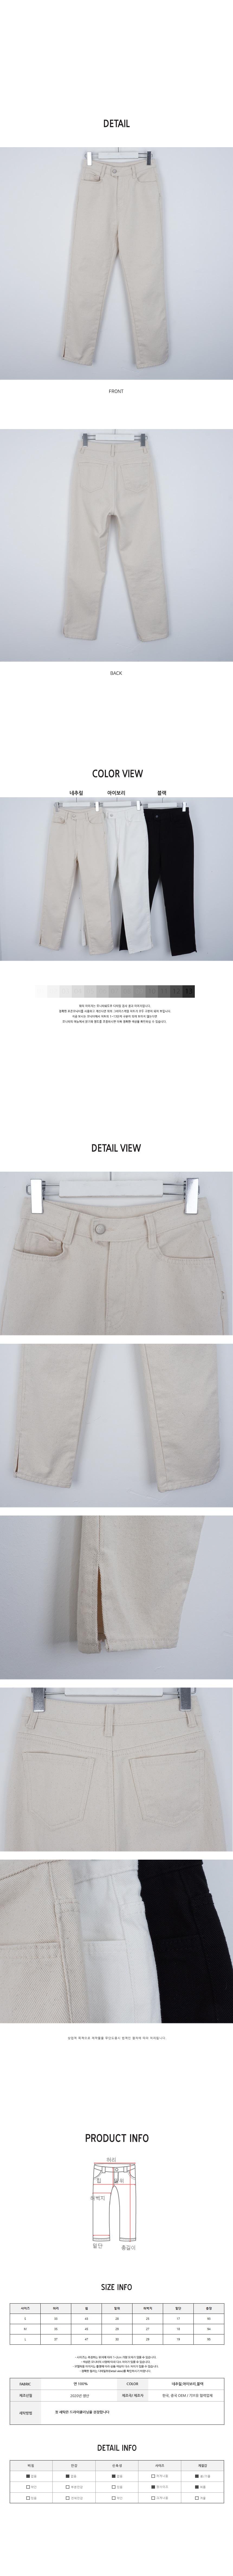 Dear-Tim Cotton Pants